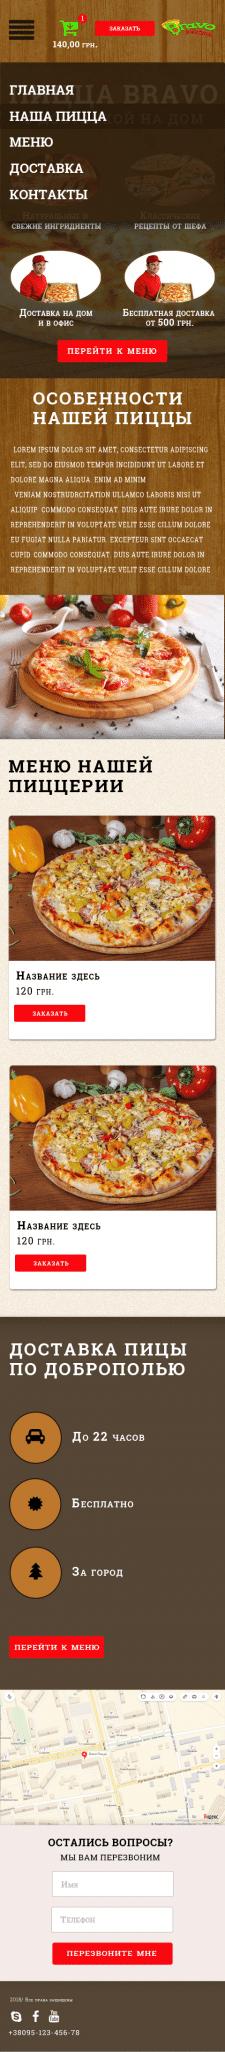 Пиццерия BRAVO мобильная версия